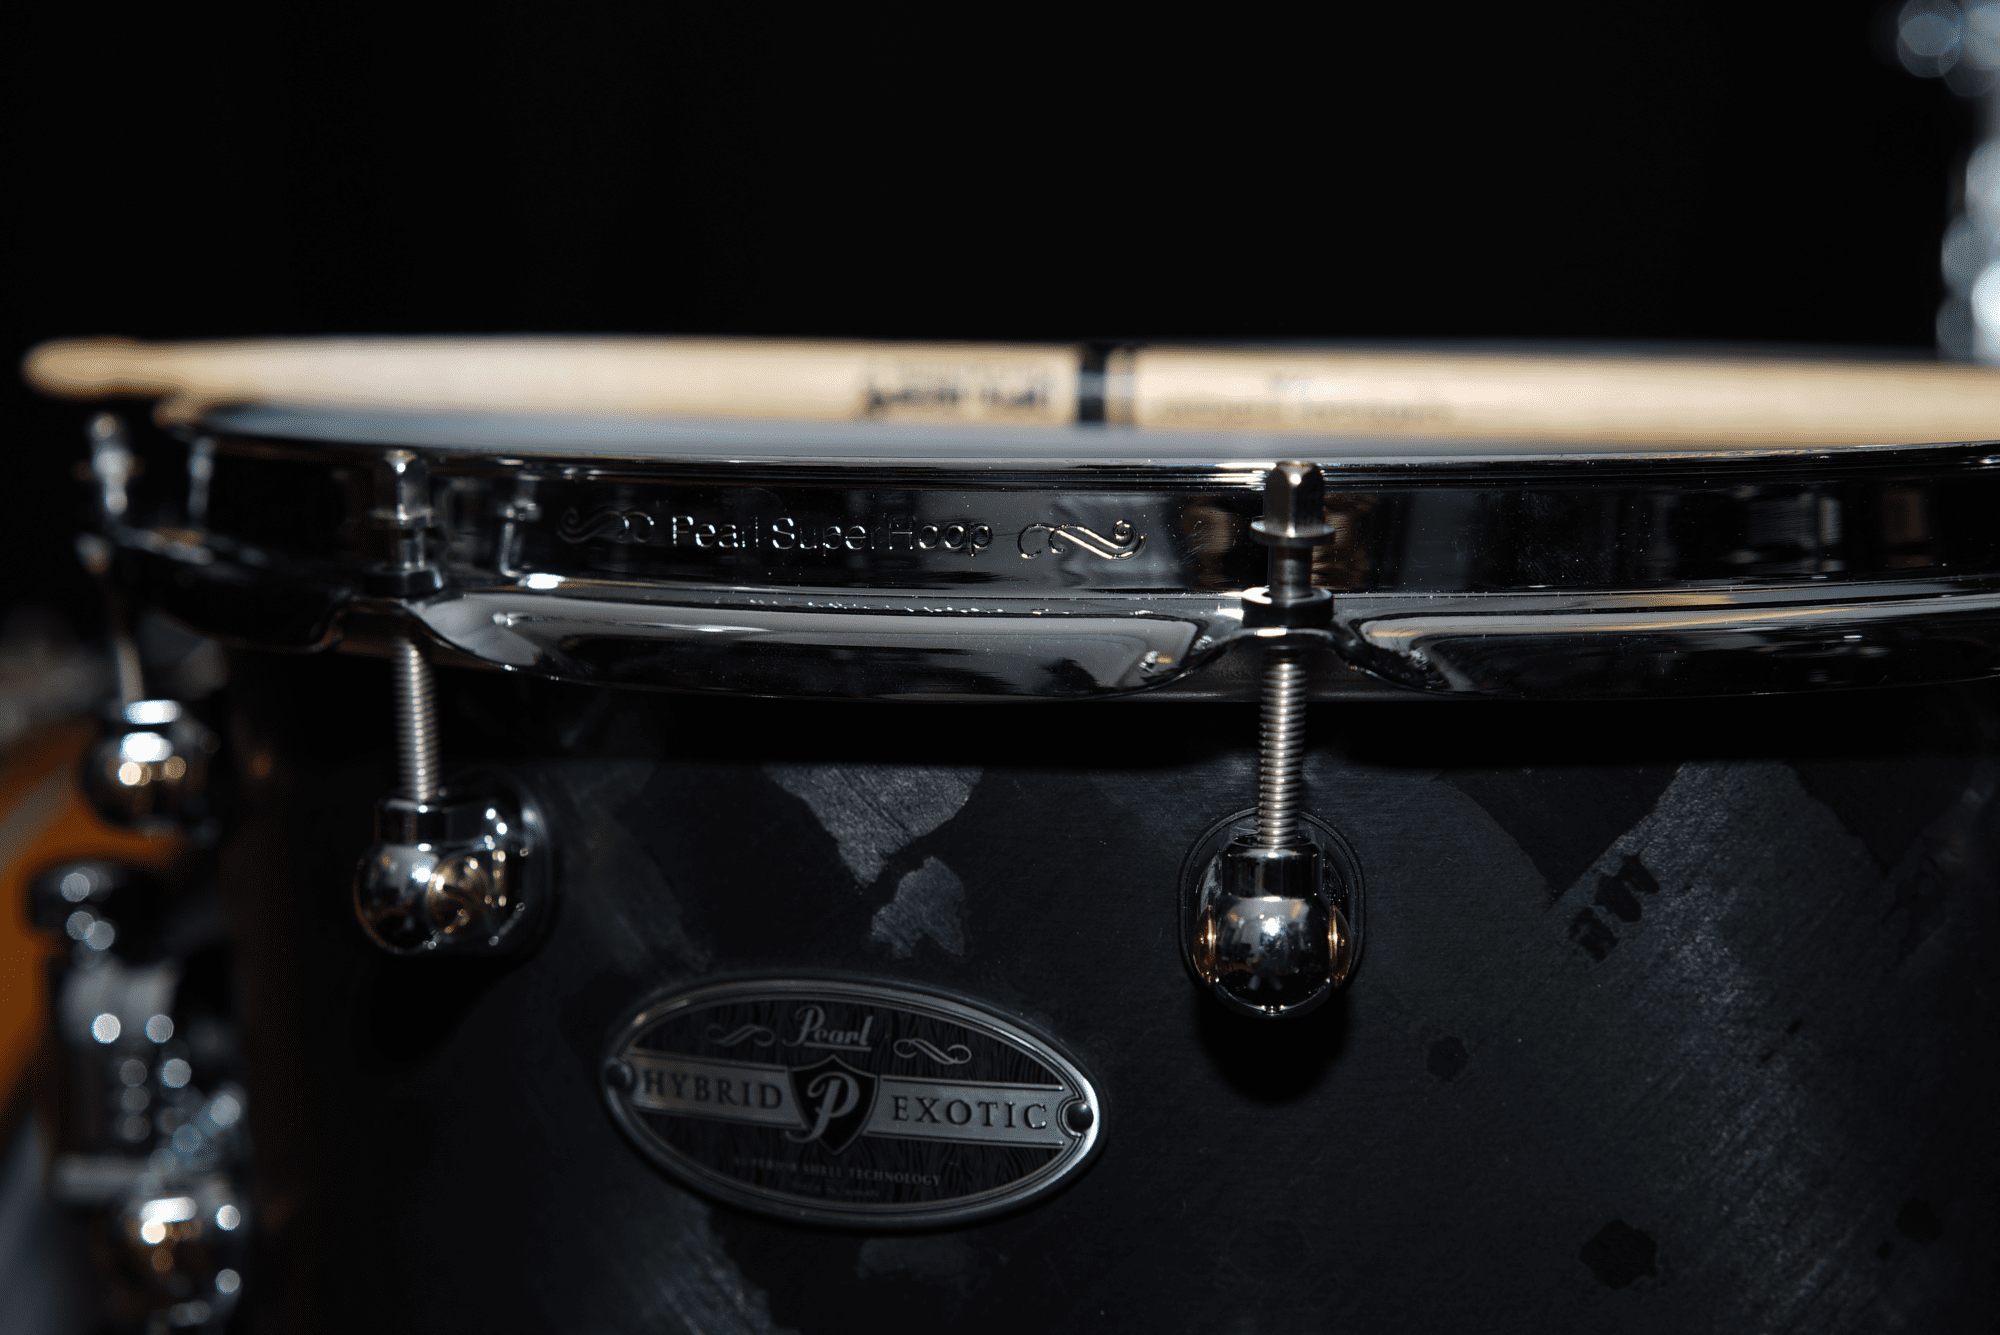 Test: Pearl Hybrid Exotic Snare Drums - Seite 3 von 6 ...